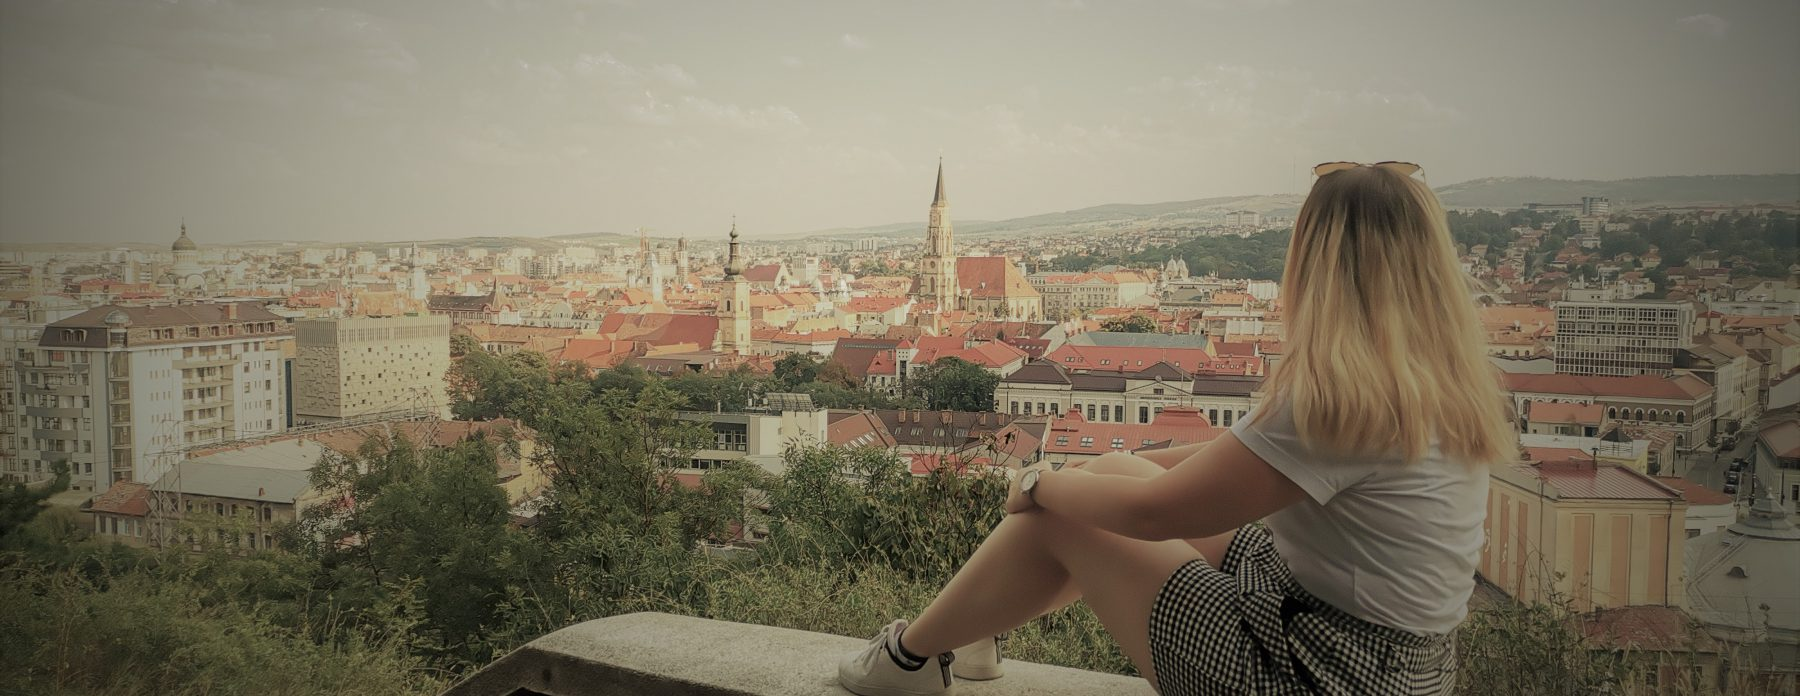 Cluj, orașul maturizării mele